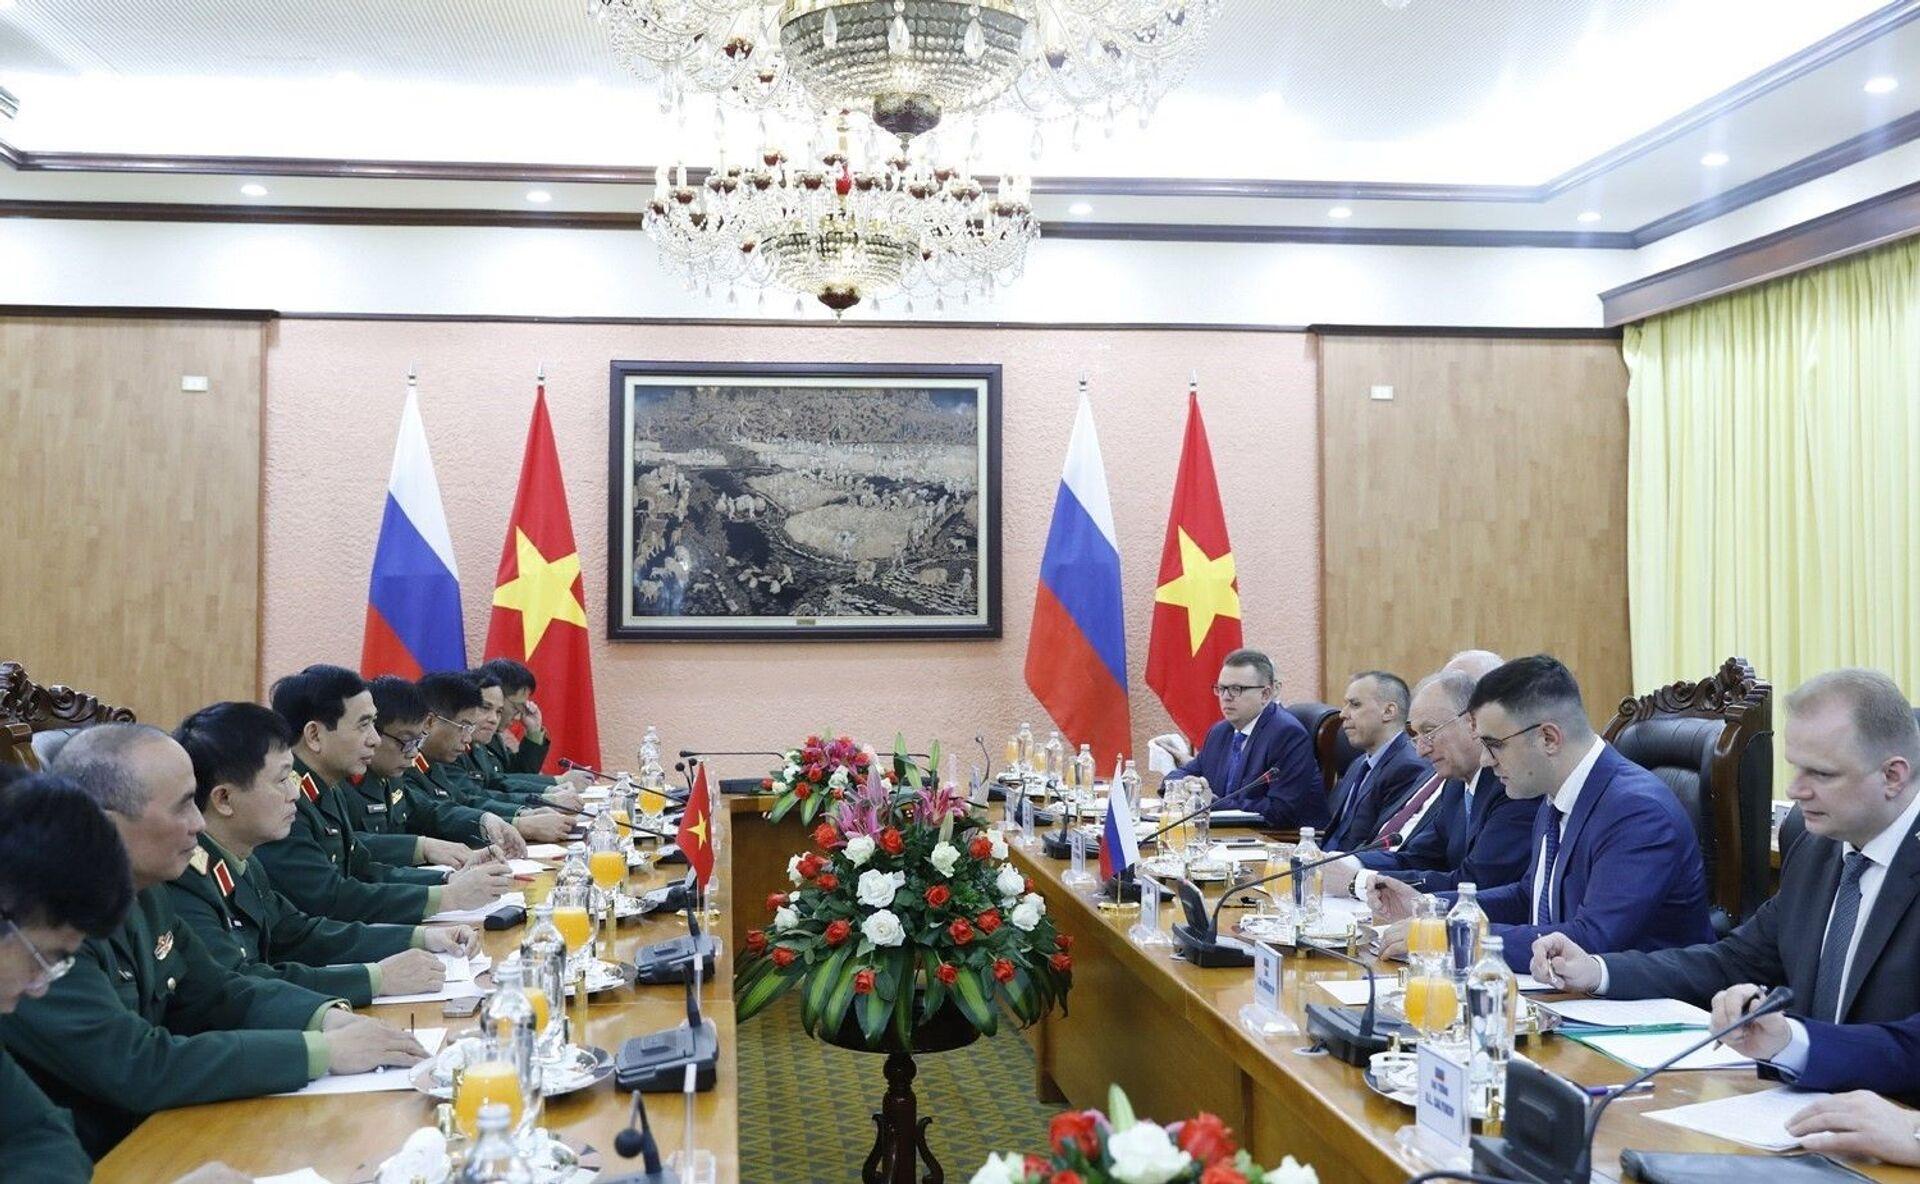 Thư ký Hội đồng An ninh LB Nga Patrushev trao đổi về tăng cường quan hệ quốc phòng với Thượng tướng Phan Văn Giang - Sputnik Việt Nam, 1920, 16.03.2021